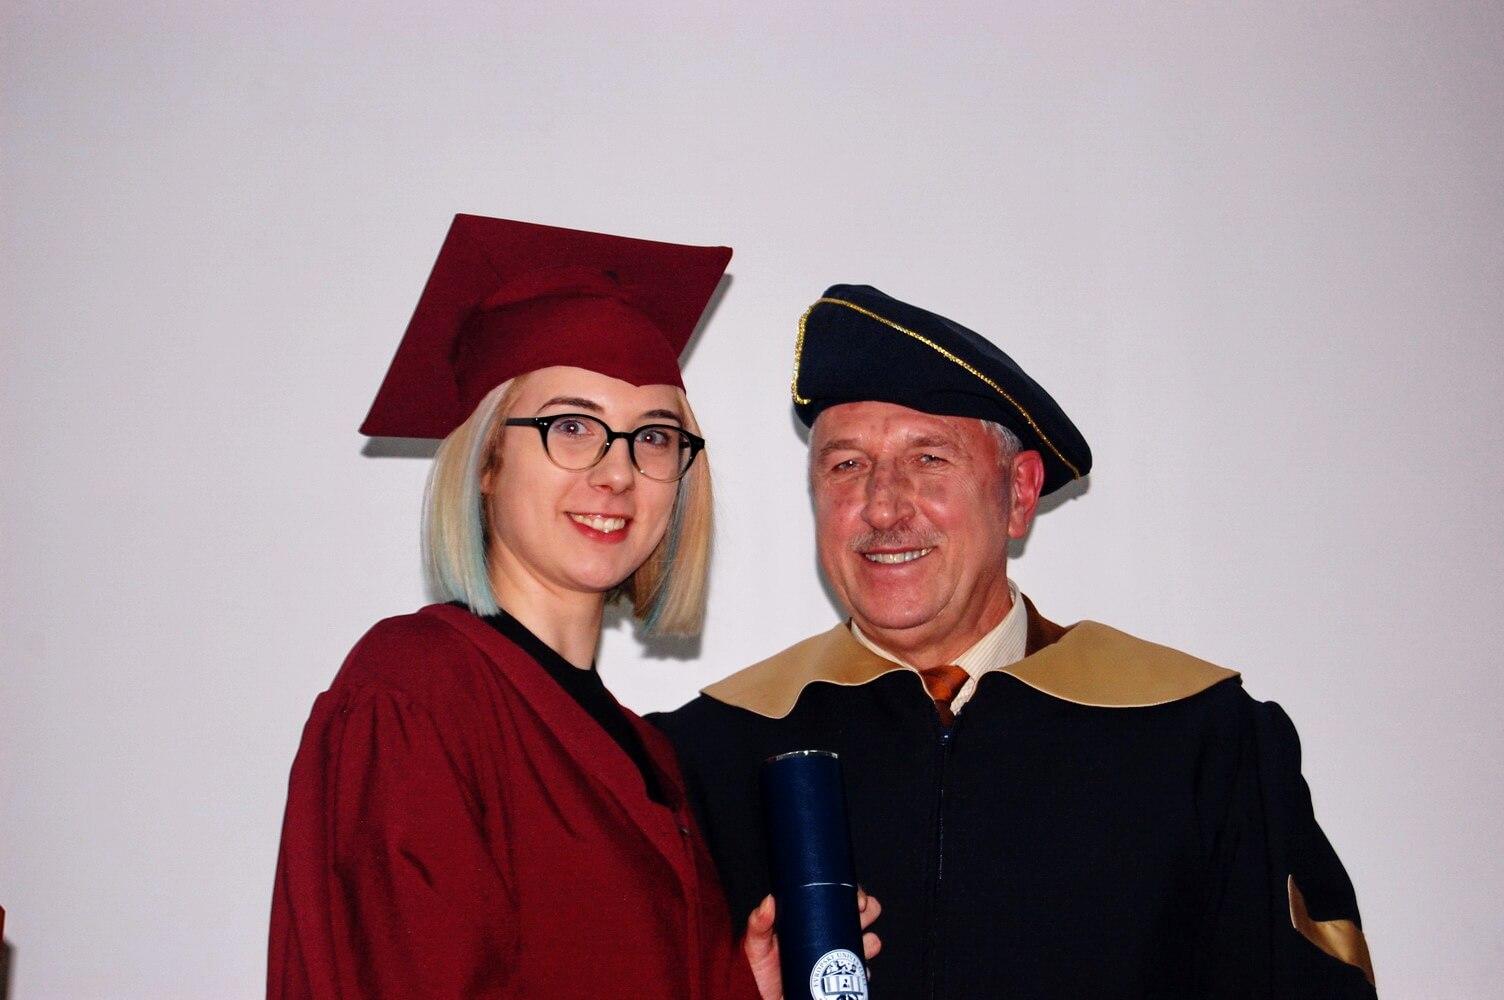 Dan Univerziteta 2020 126